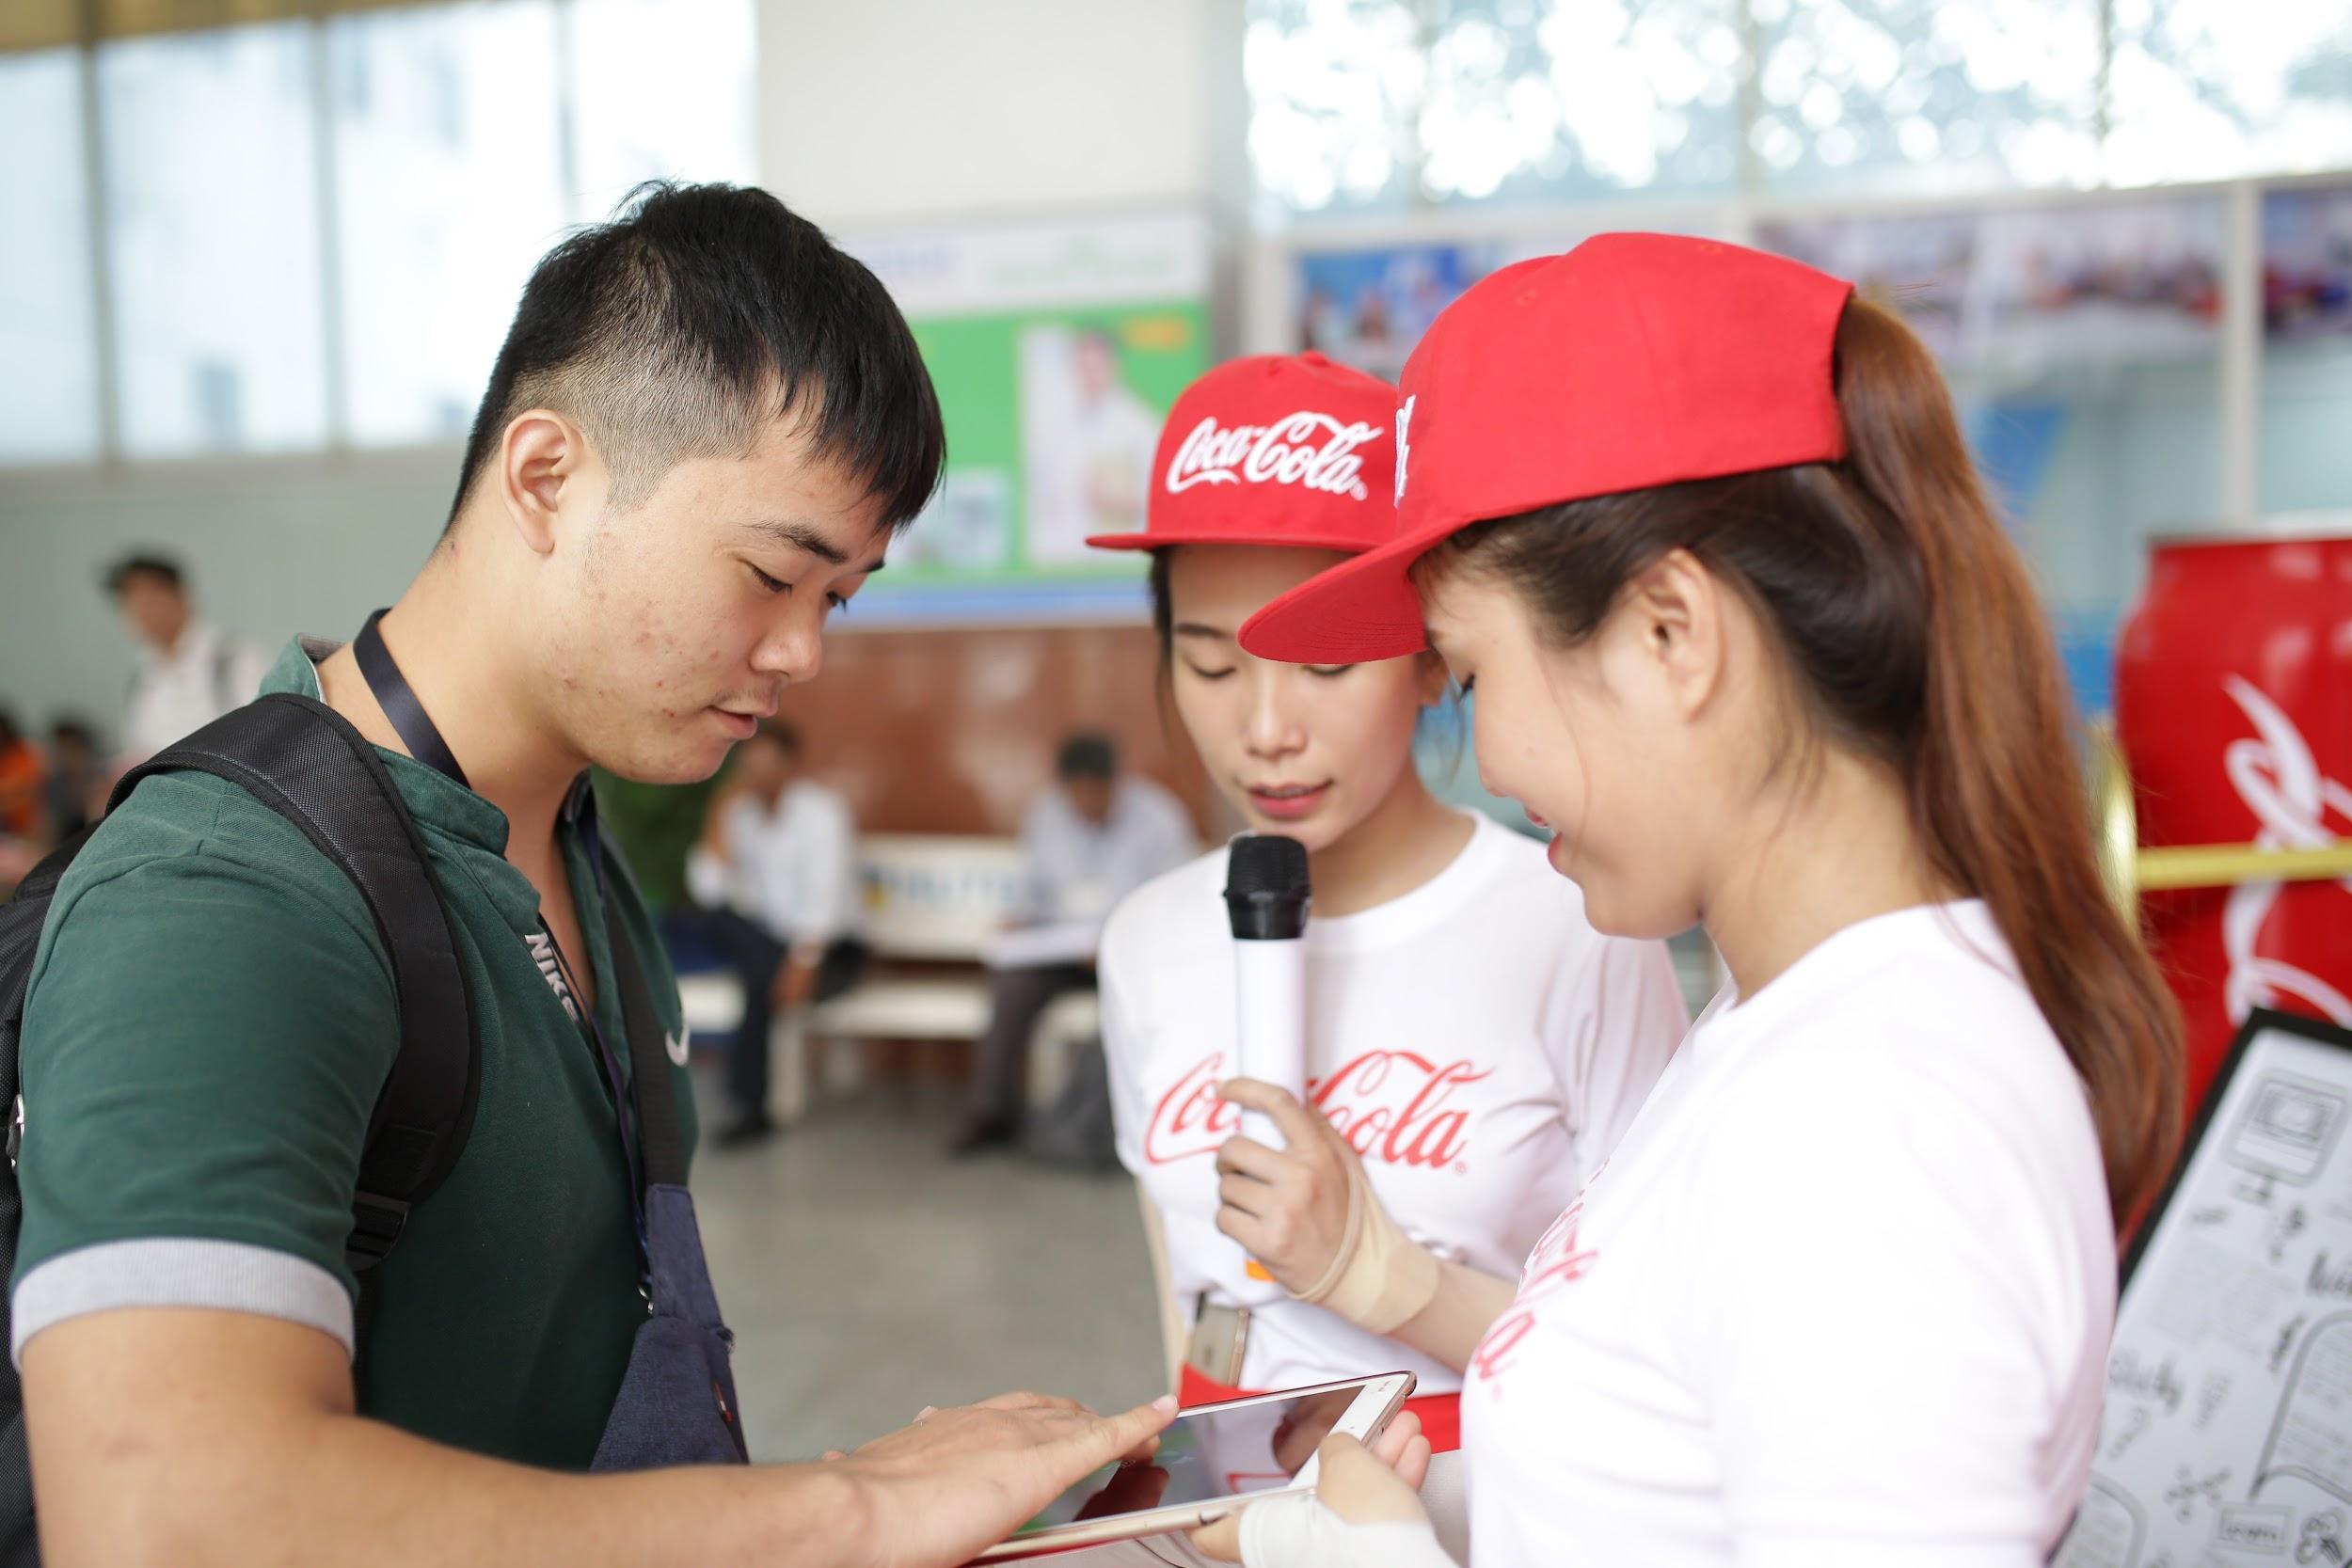 """Loạt ảnh rạng ngời của sinh viên trong sự kiện """"Cùng Coca-Cola tri ân thầy cô"""" - Ảnh 4."""